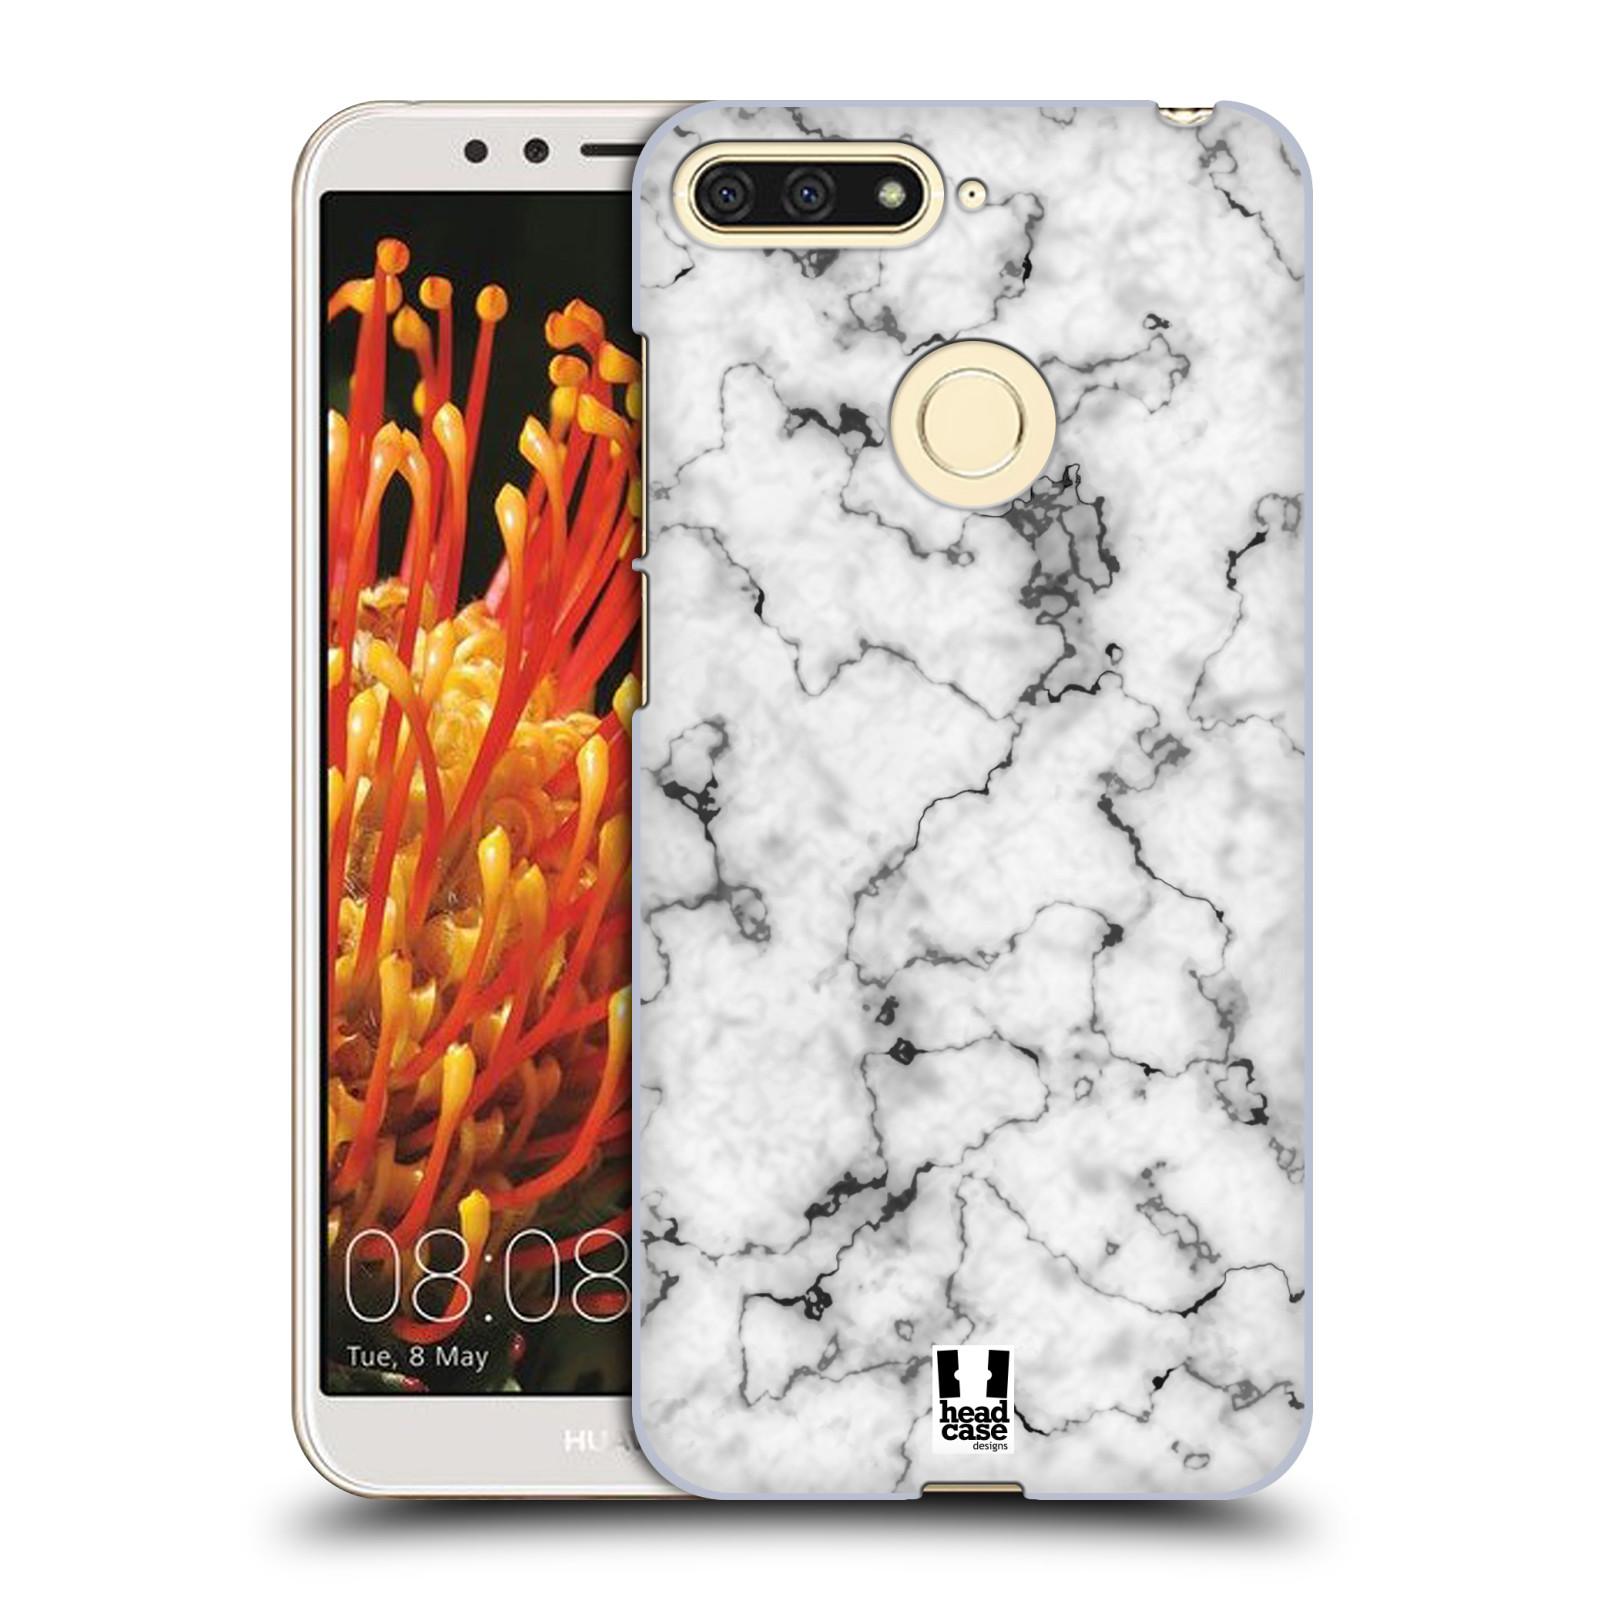 Plastové pouzdro na mobil Huawei Y6 Prime 2018 - Head Case - Bílý mramor